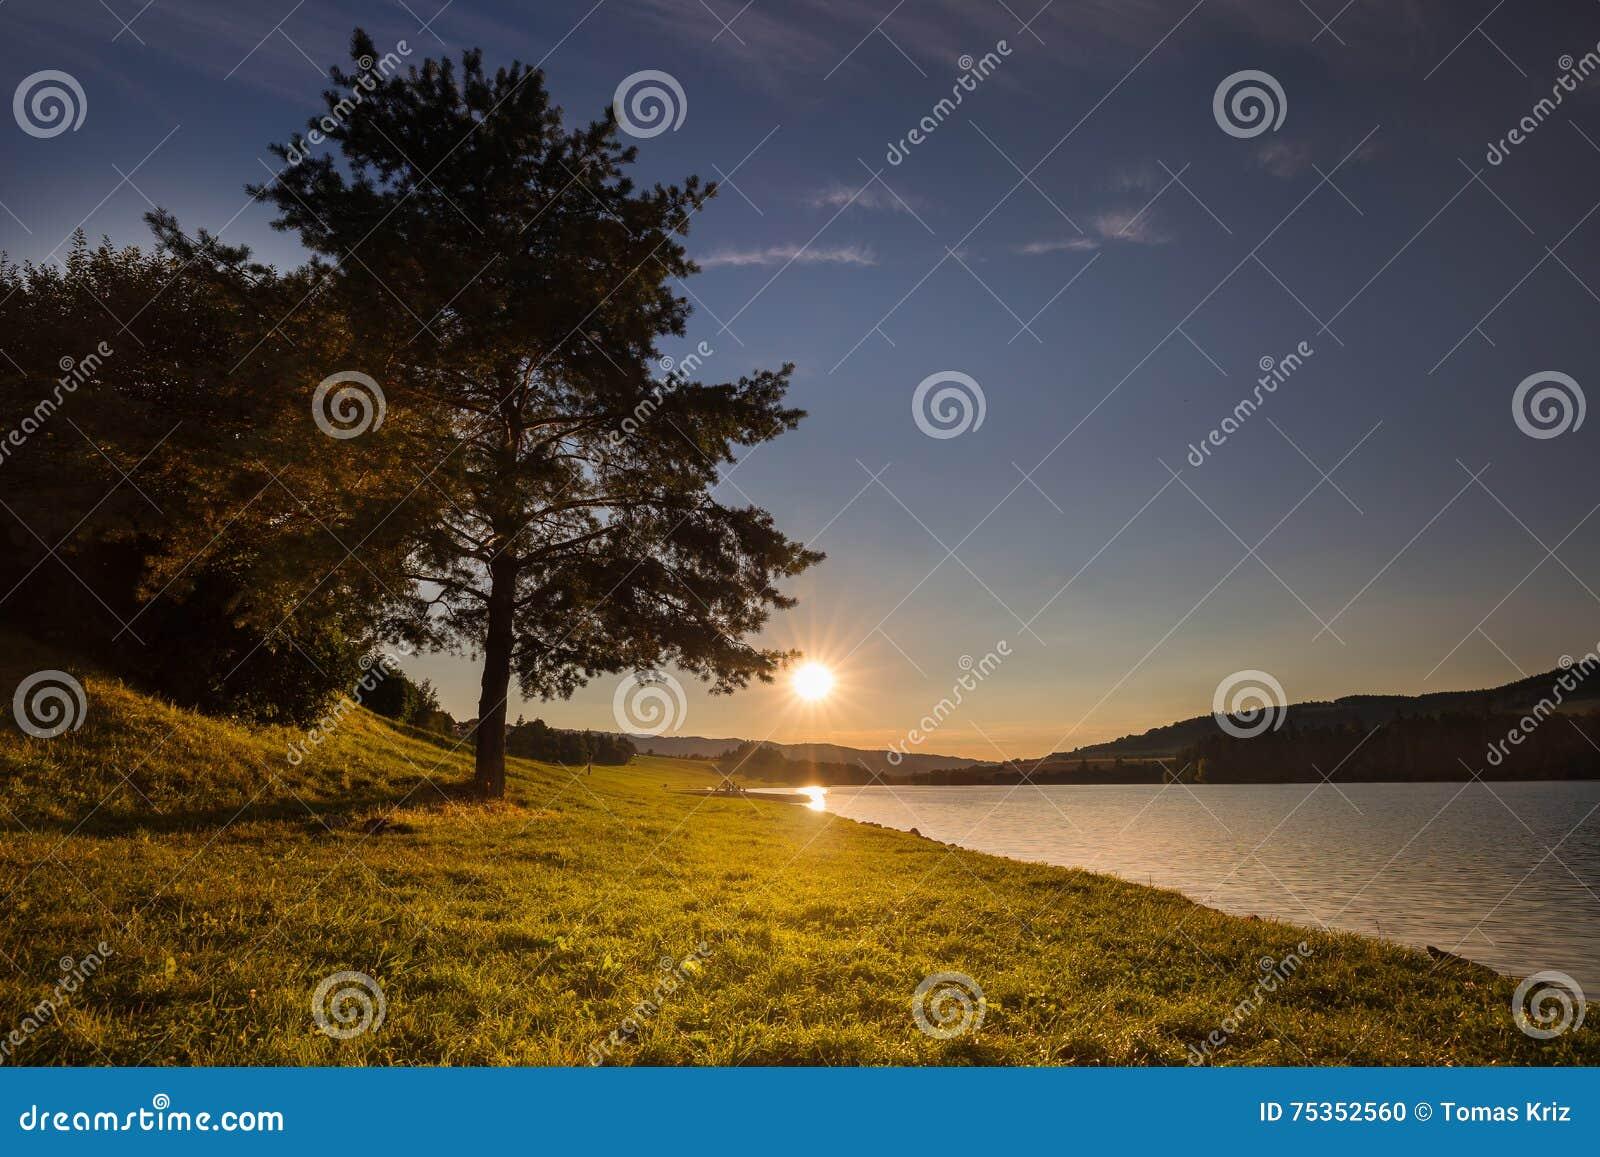 Zonsondergang en boom door de kust van water